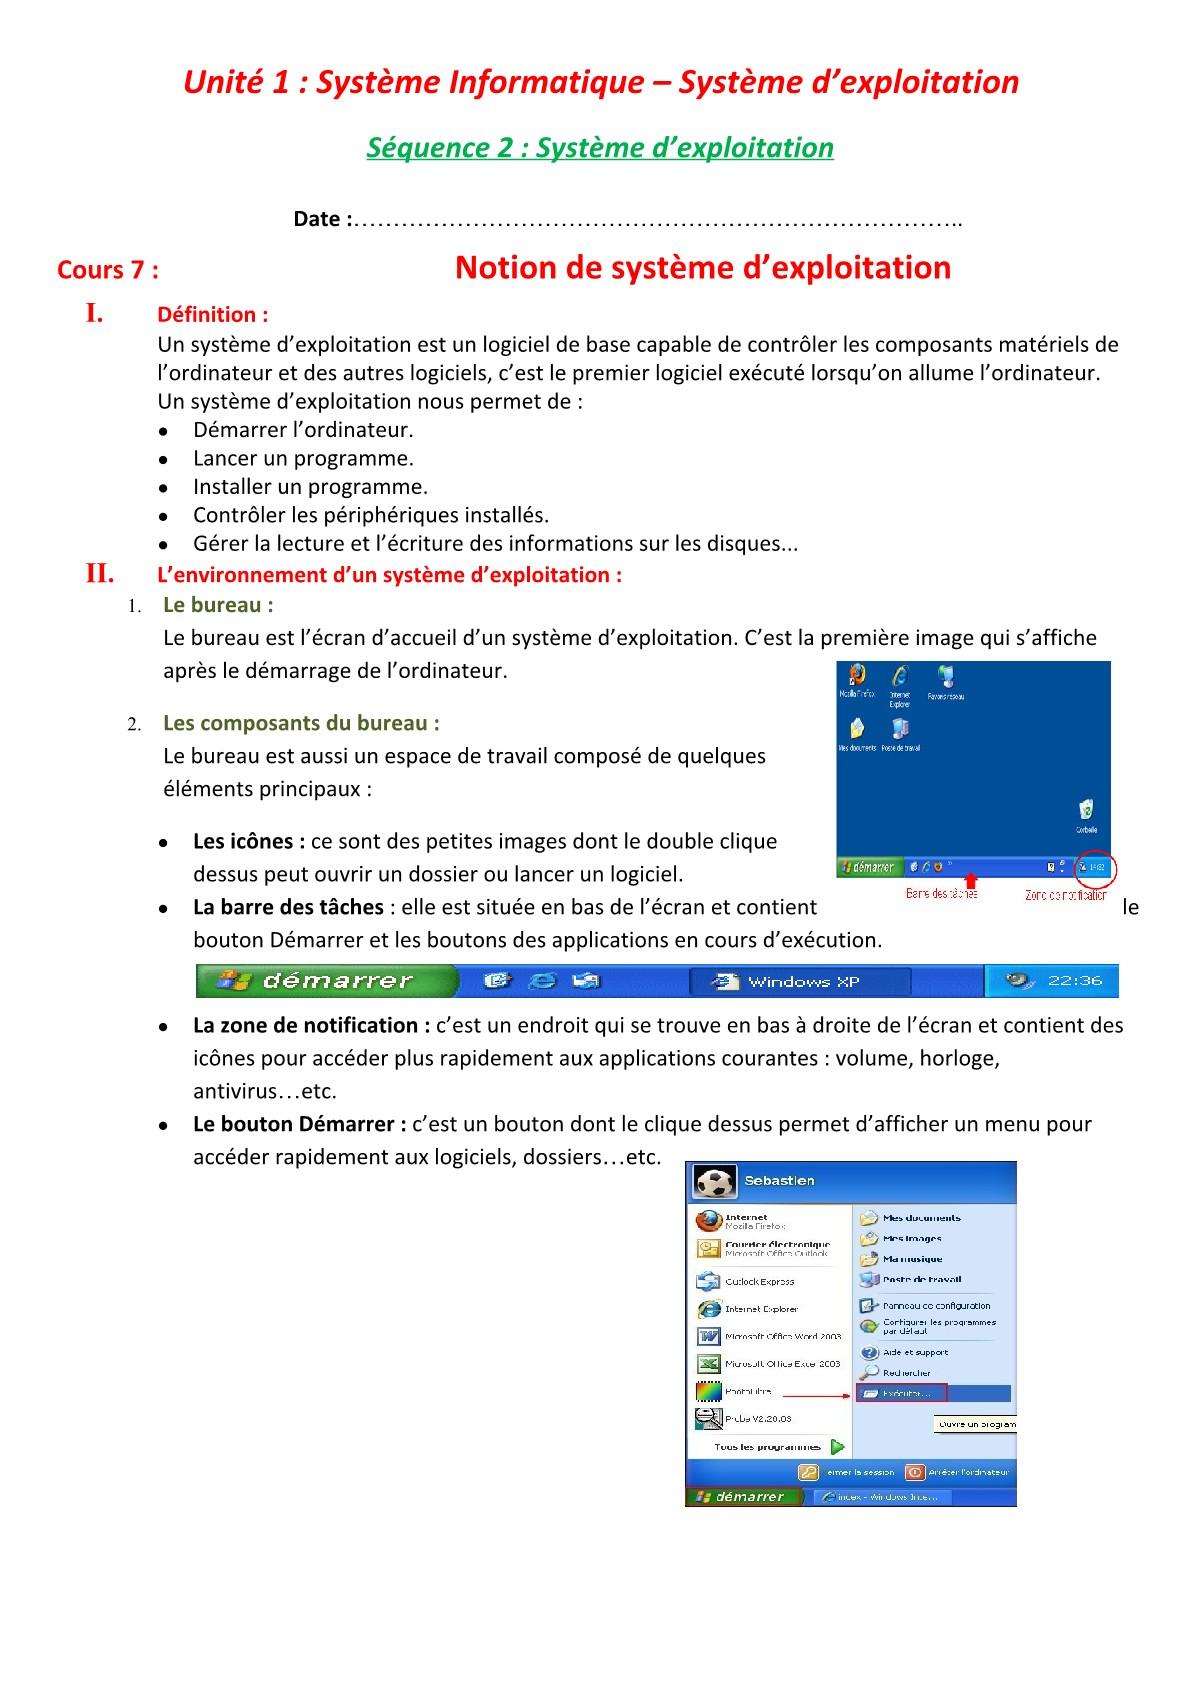 درس Notions de système d'exploitation للسنة الأولى اعدادي